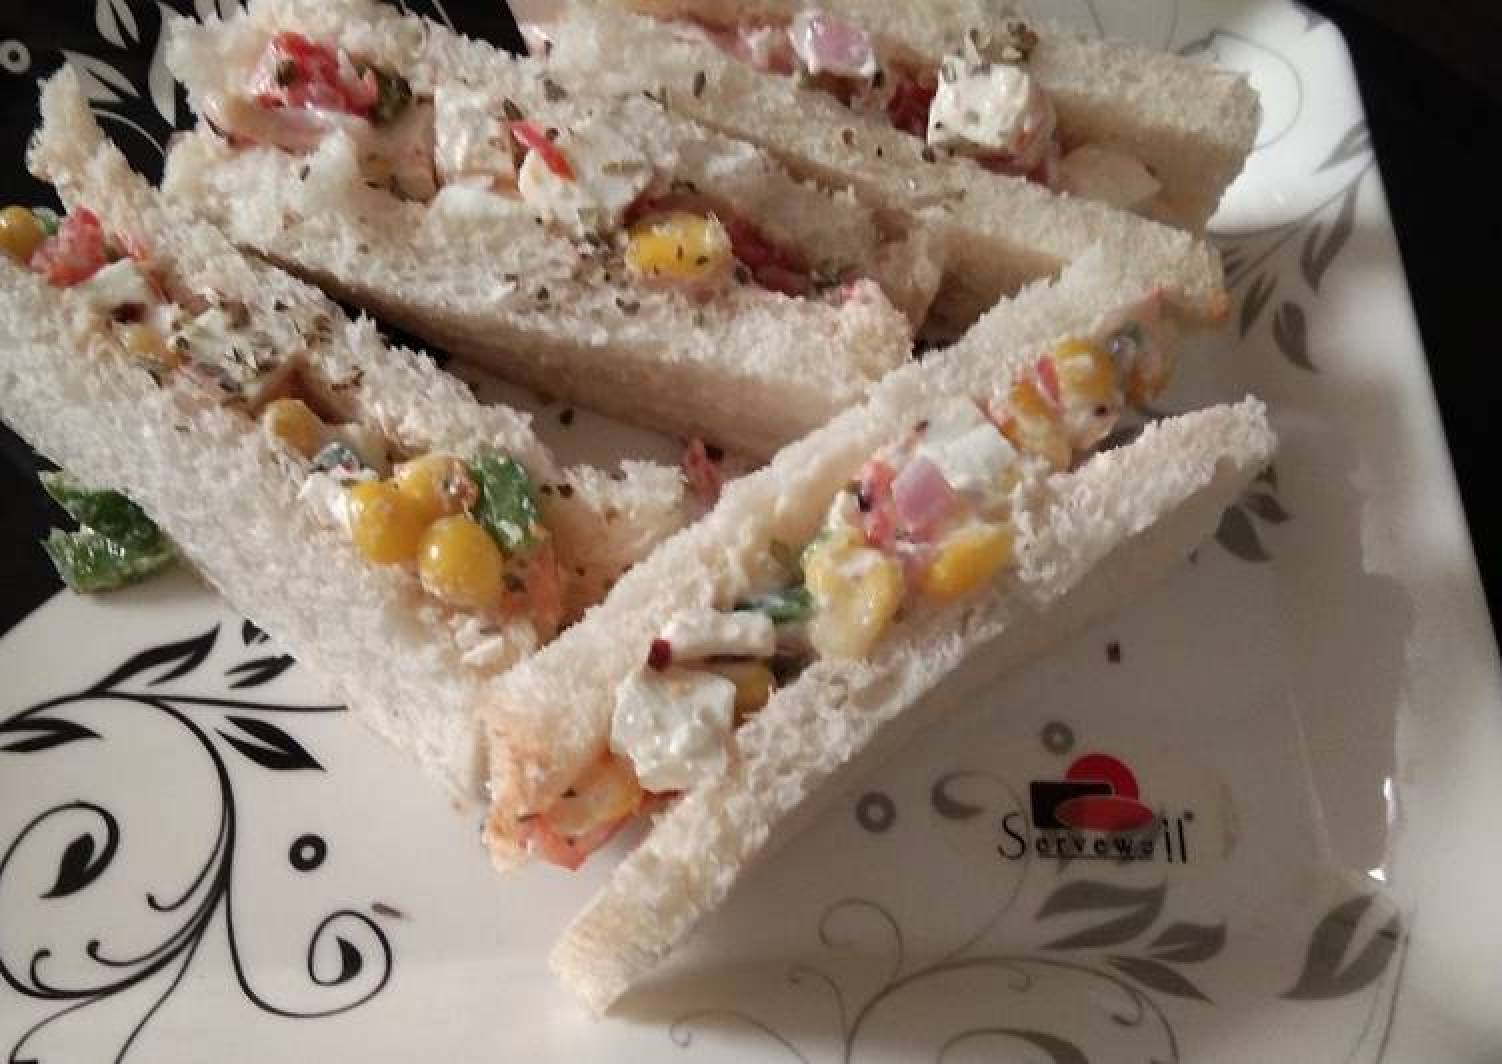 Curd sandwich creamy and yummy